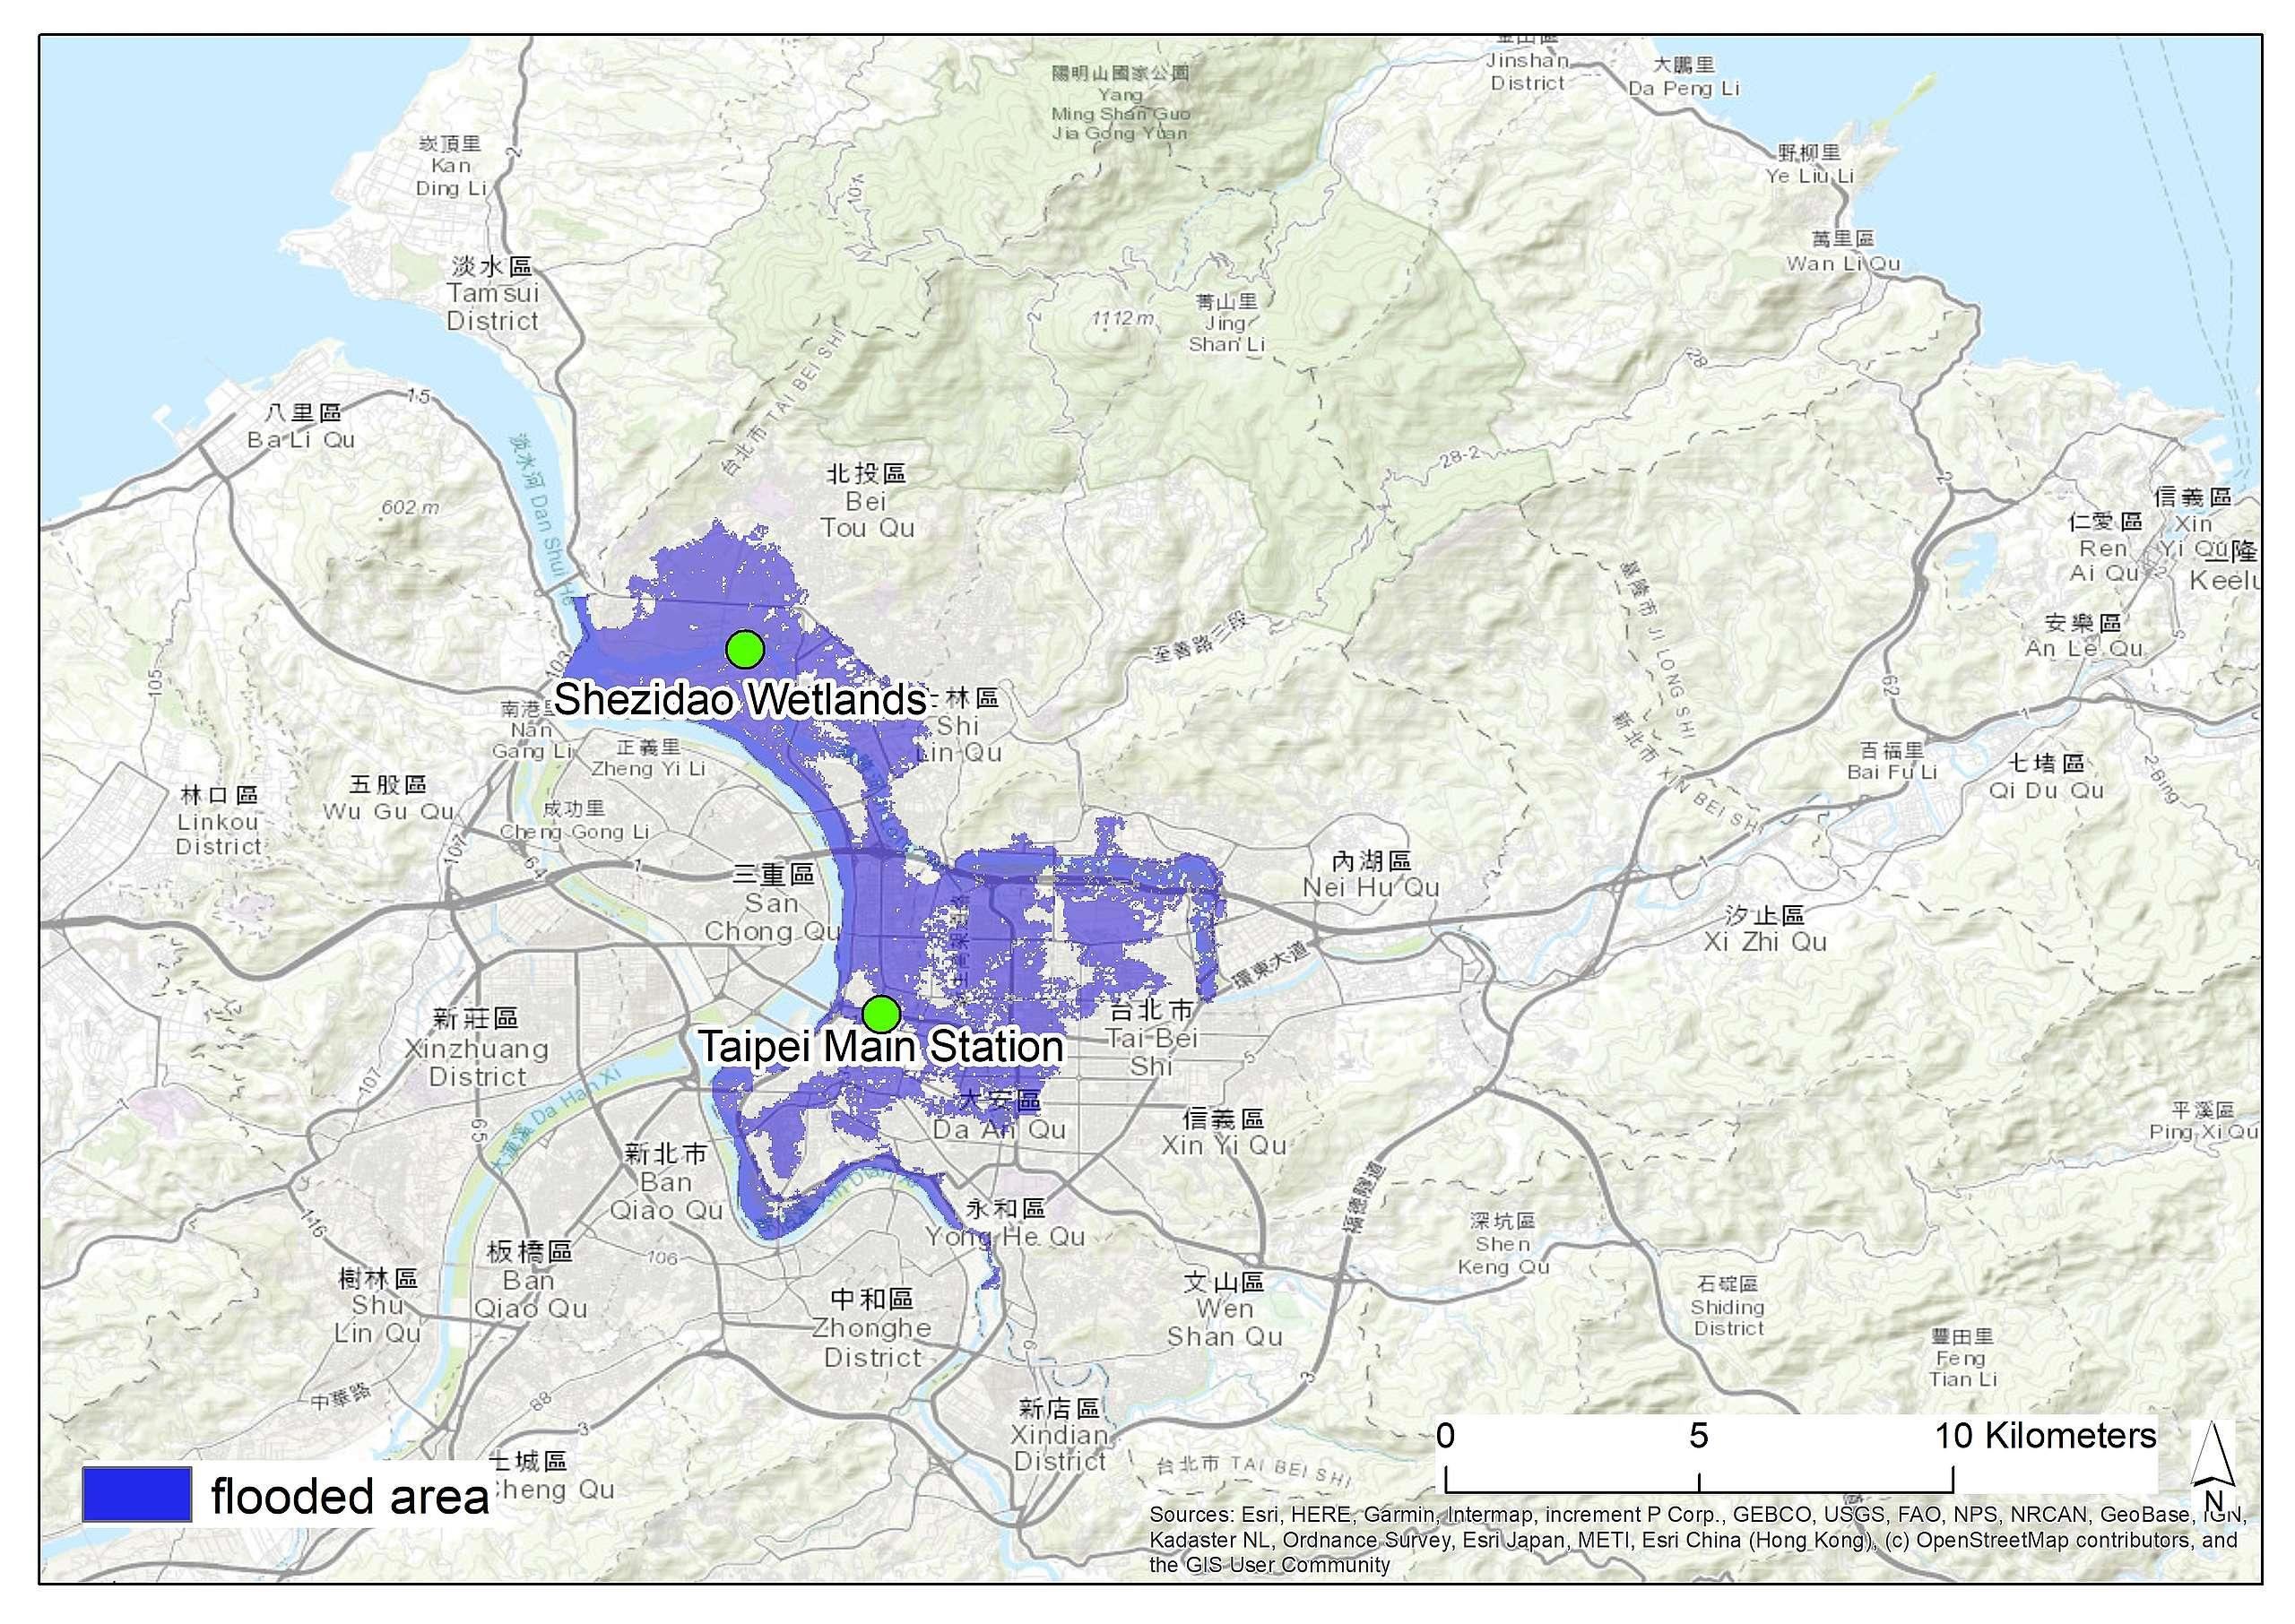 在RCP8.5的情境下,2030年海平面上升可能造成臺北被淹沒的地區。